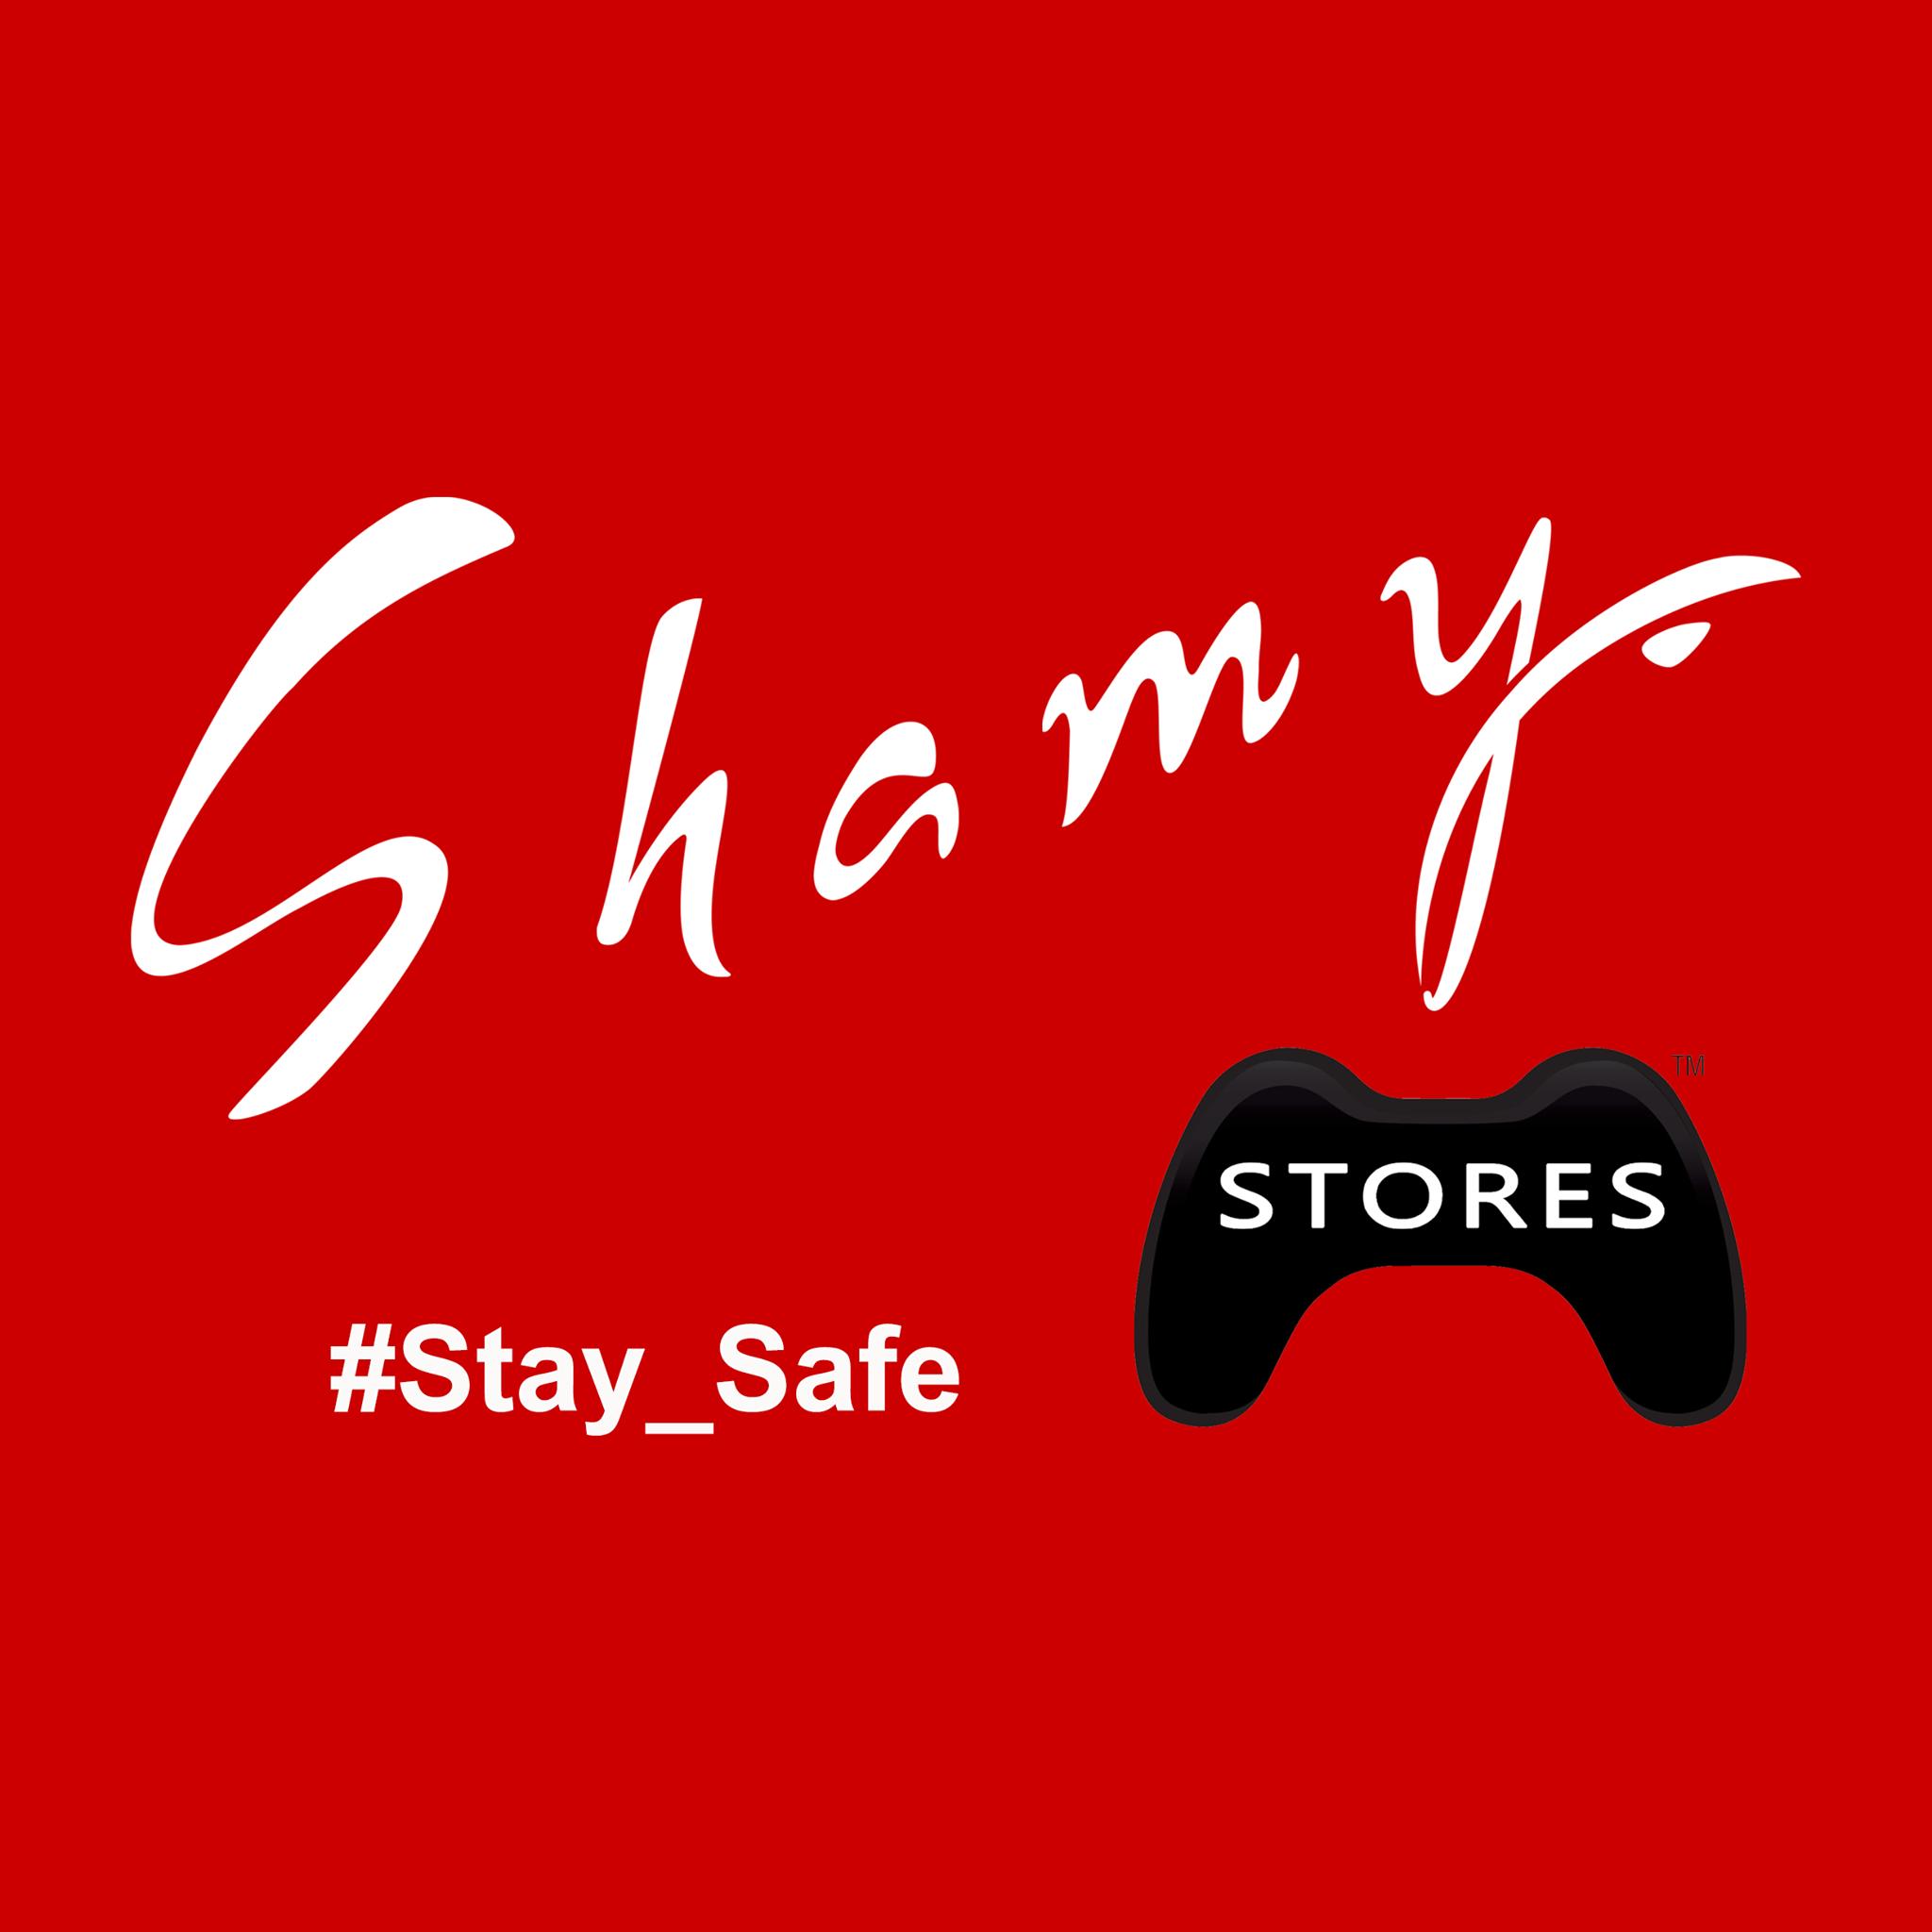 شامي ستورز Shamy Stores